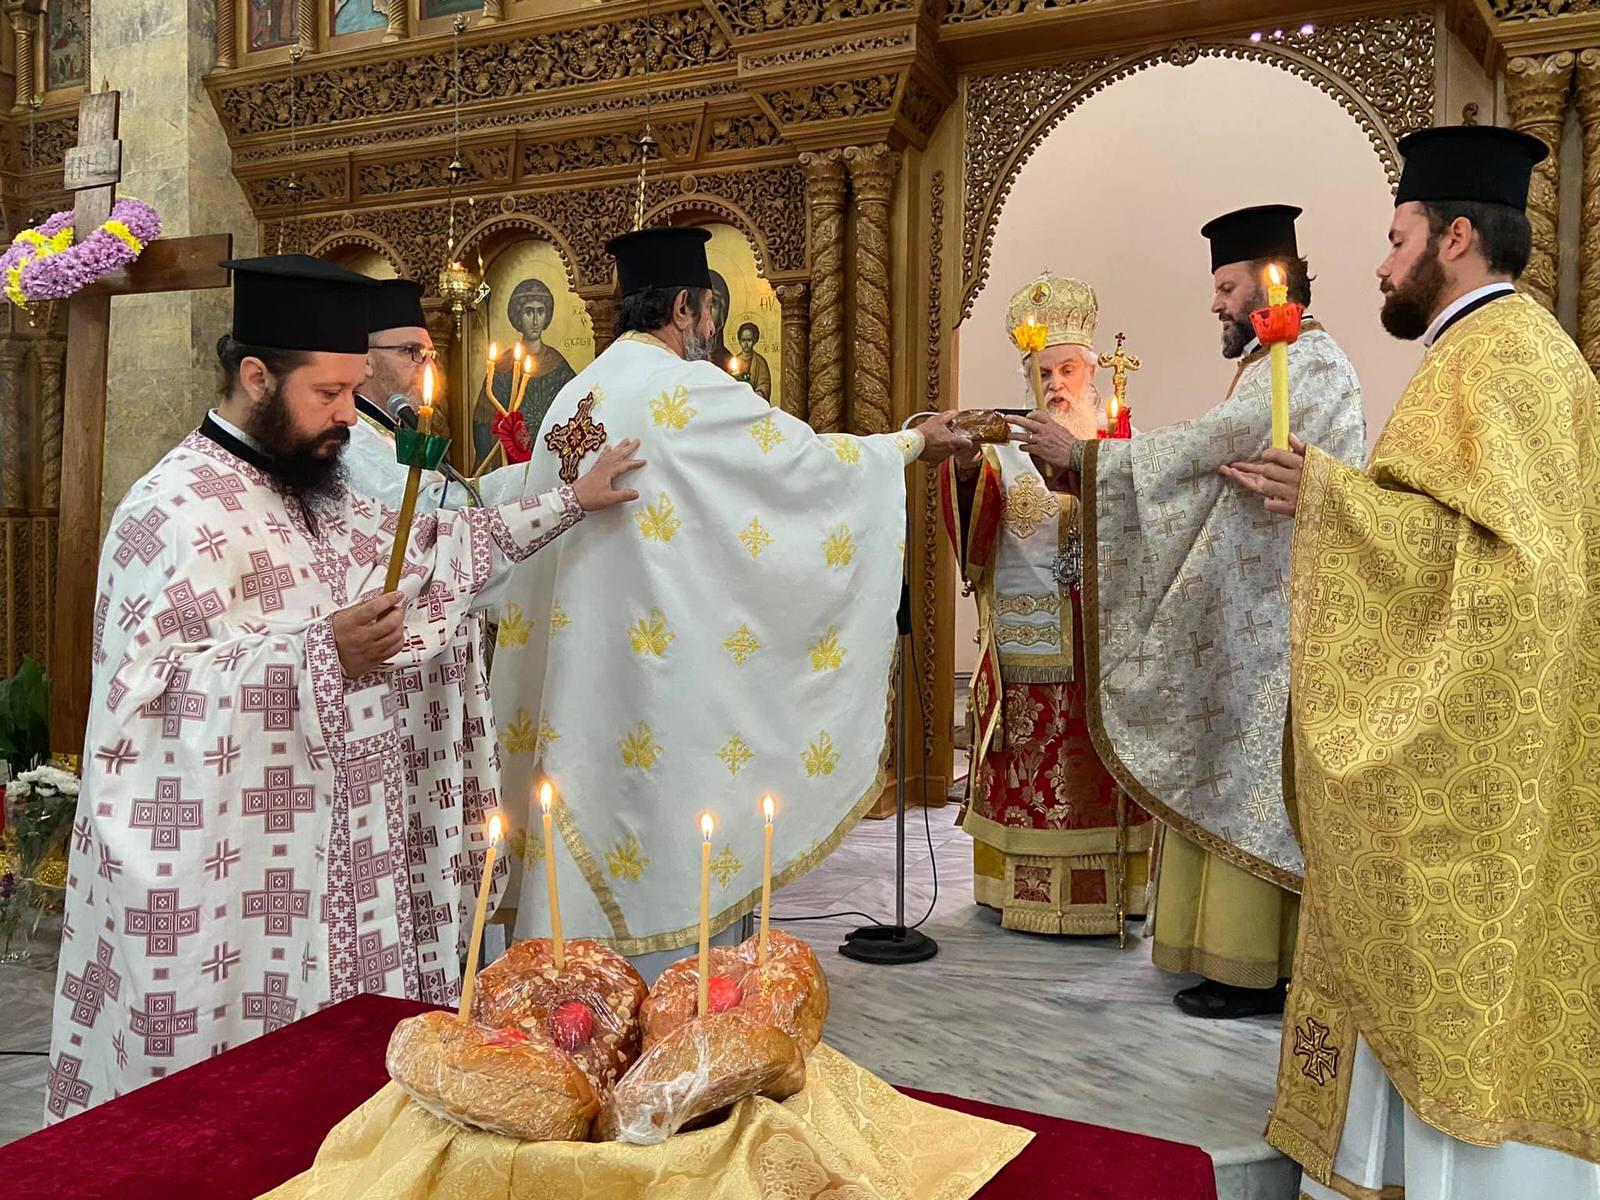 Εκκλησία Αγίου Γεωργίου Φίερι Αλβανίας 2021